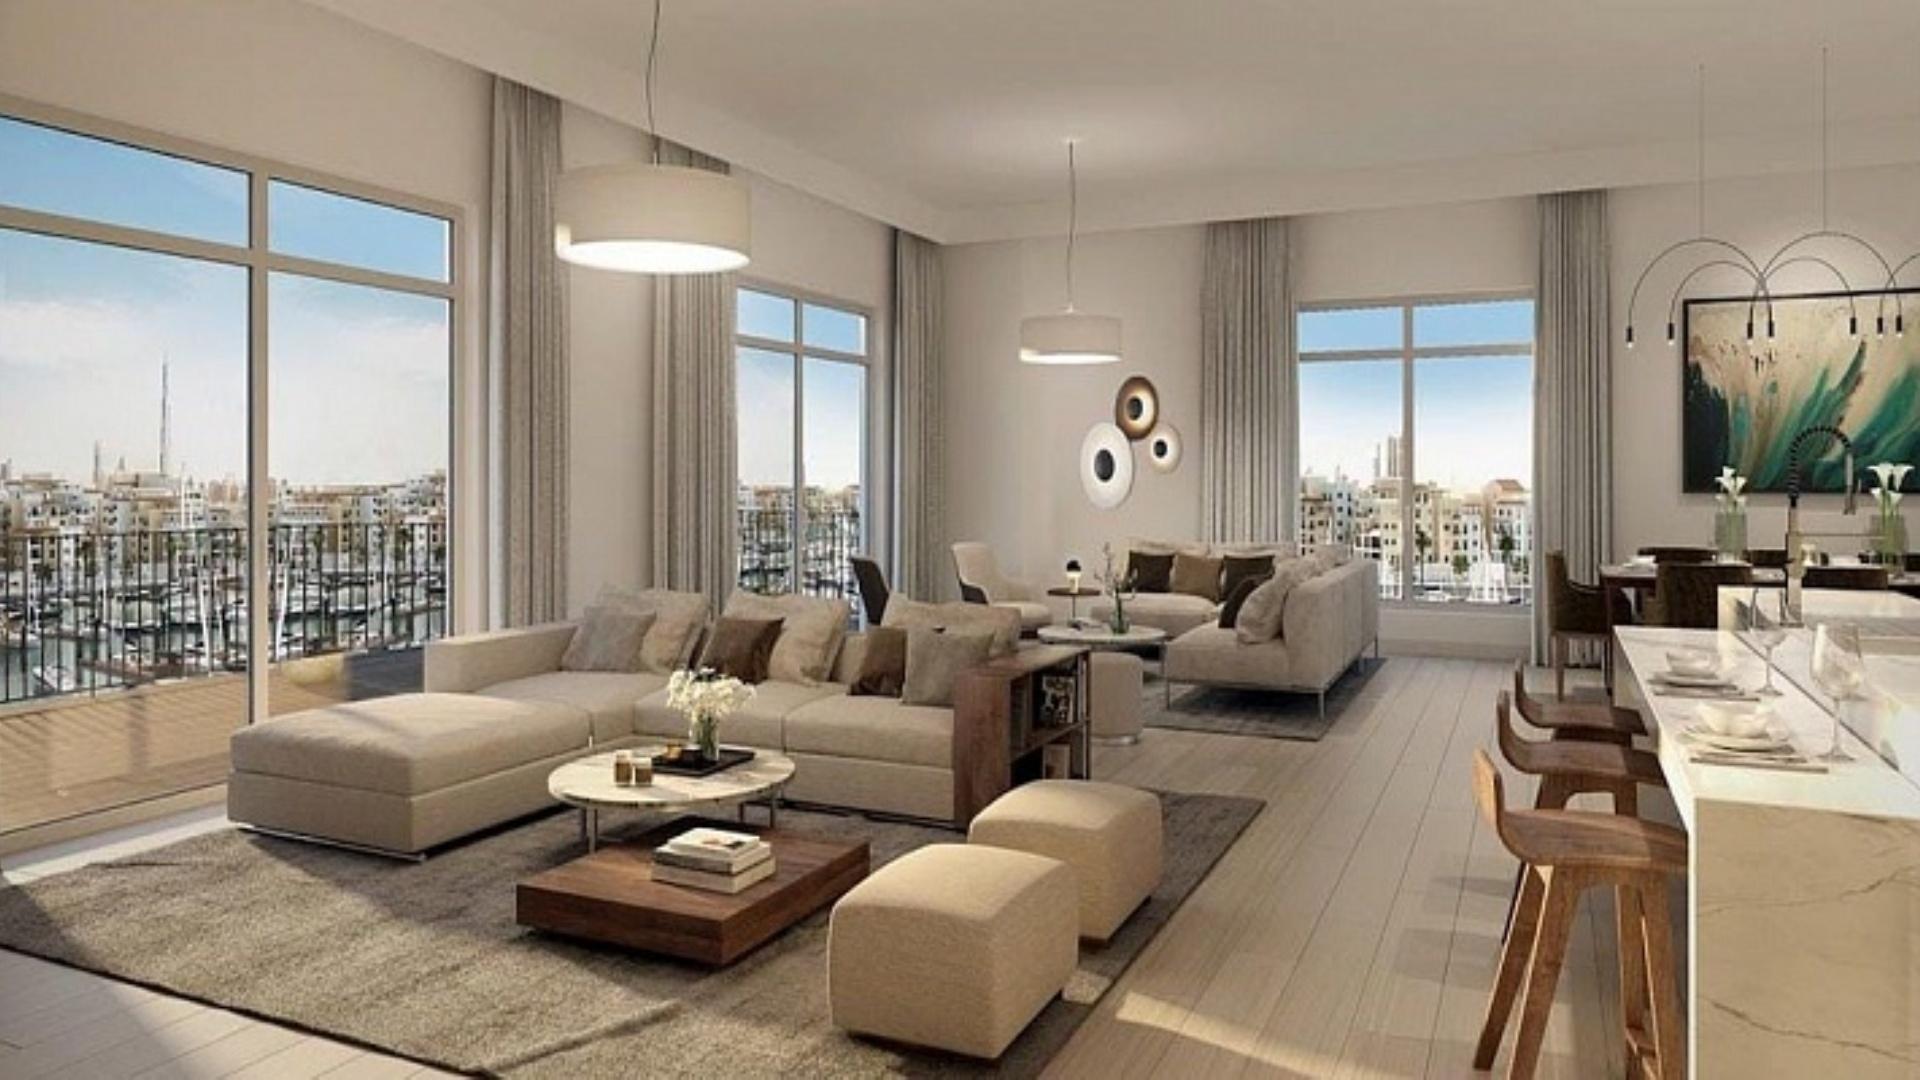 Apartamento en venta en Dubai, EAU, 1 dormitorio, 69 m2, № 24283 – foto 1